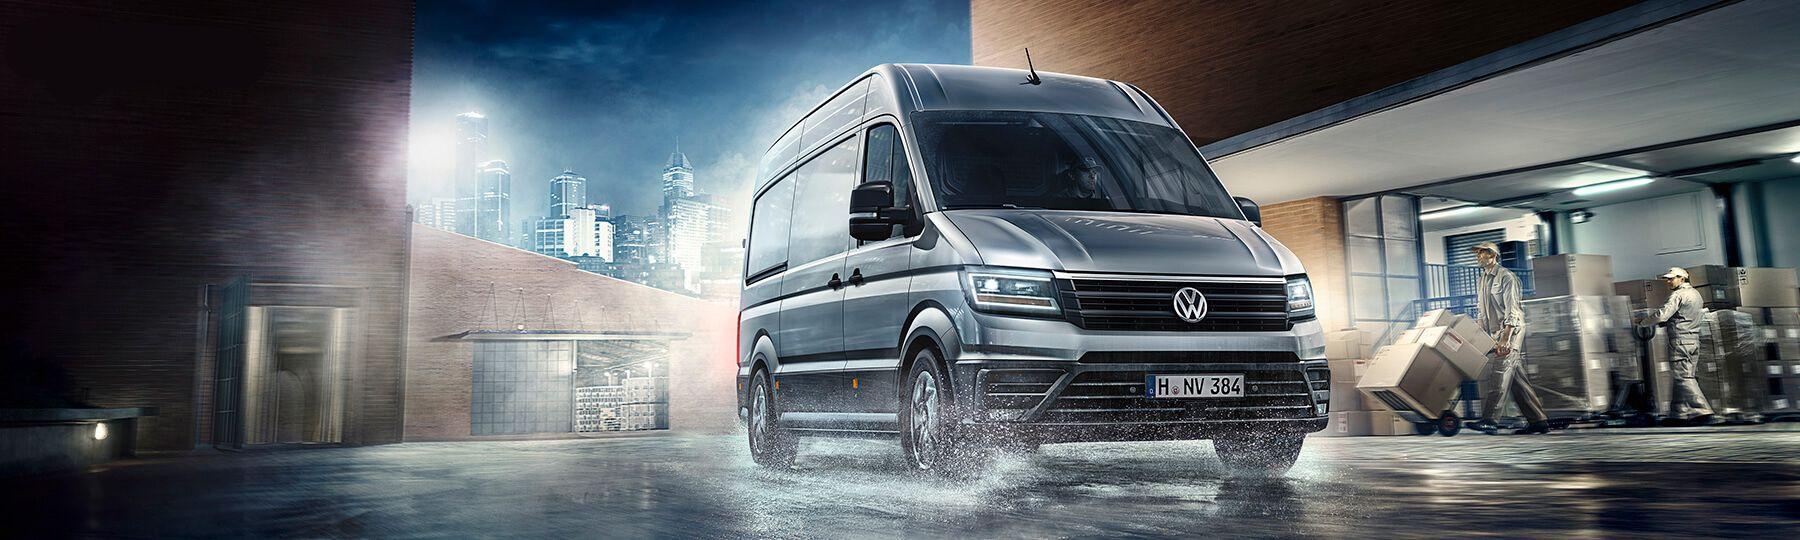 Autodalser Dalmau, Concesionario Oficial Volkswagen Comerciales en Lleida, Tàrrega y Mollerussa